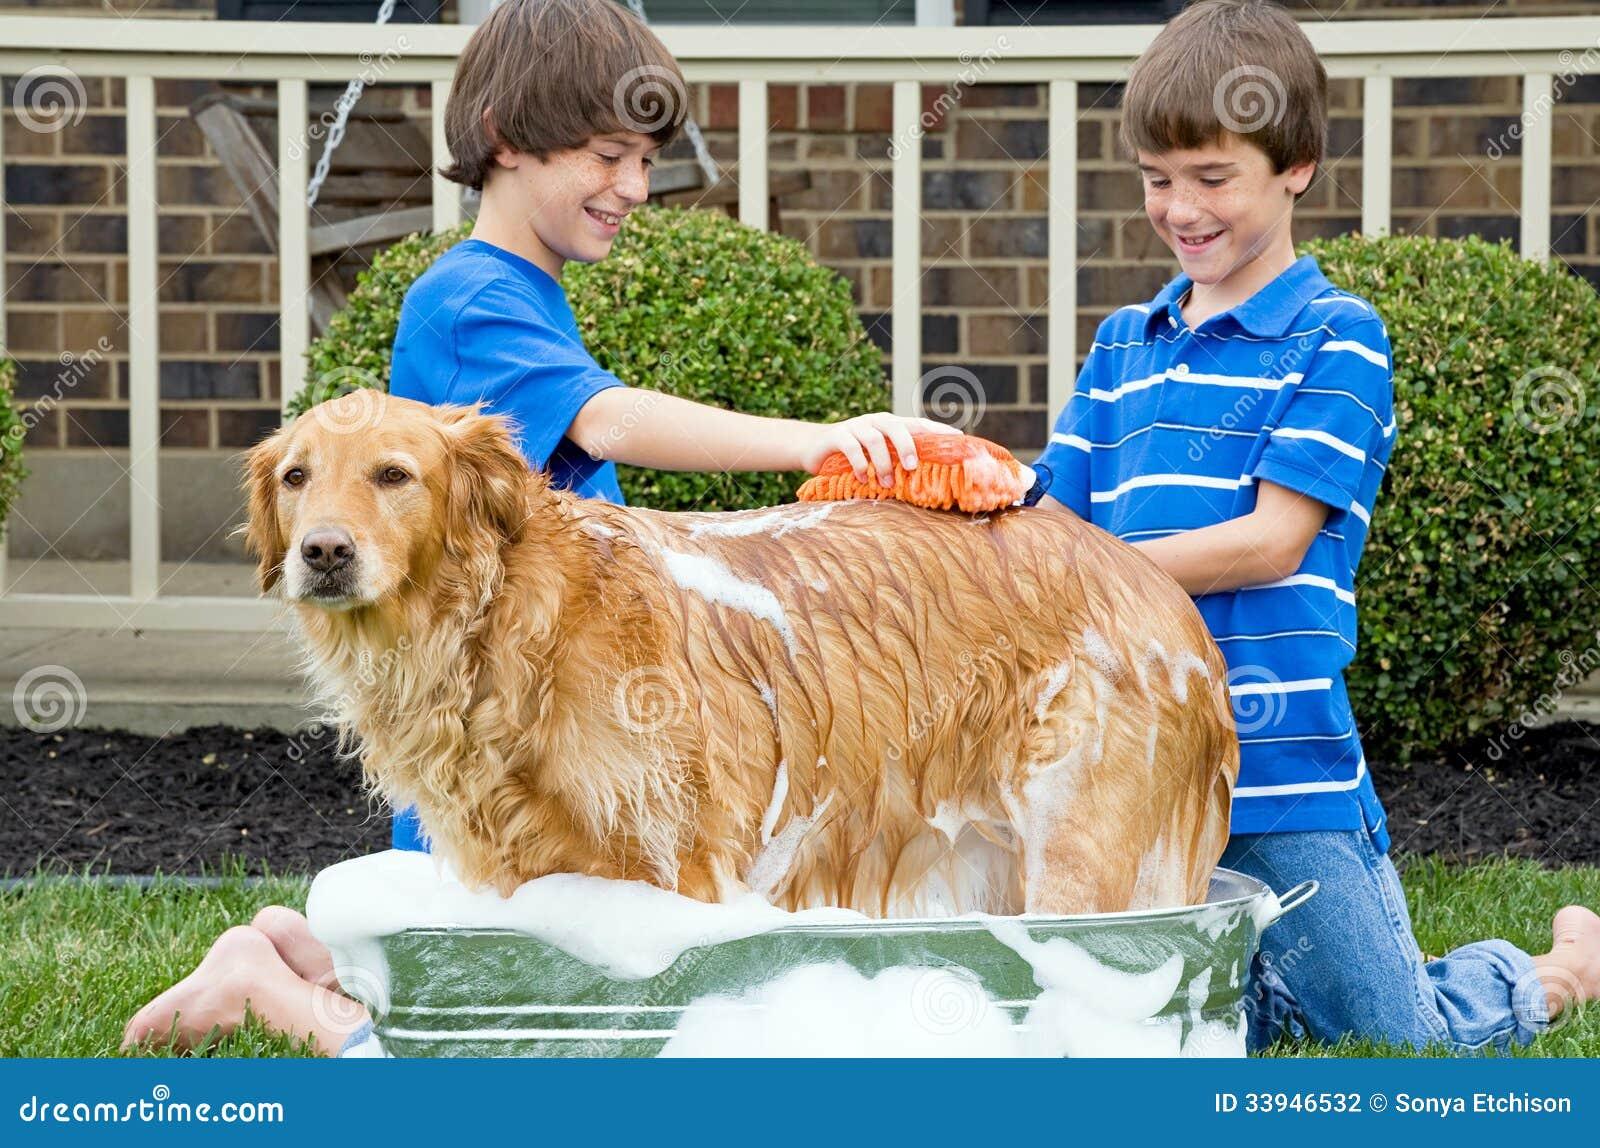 Giving Dog A Bath Bulldog